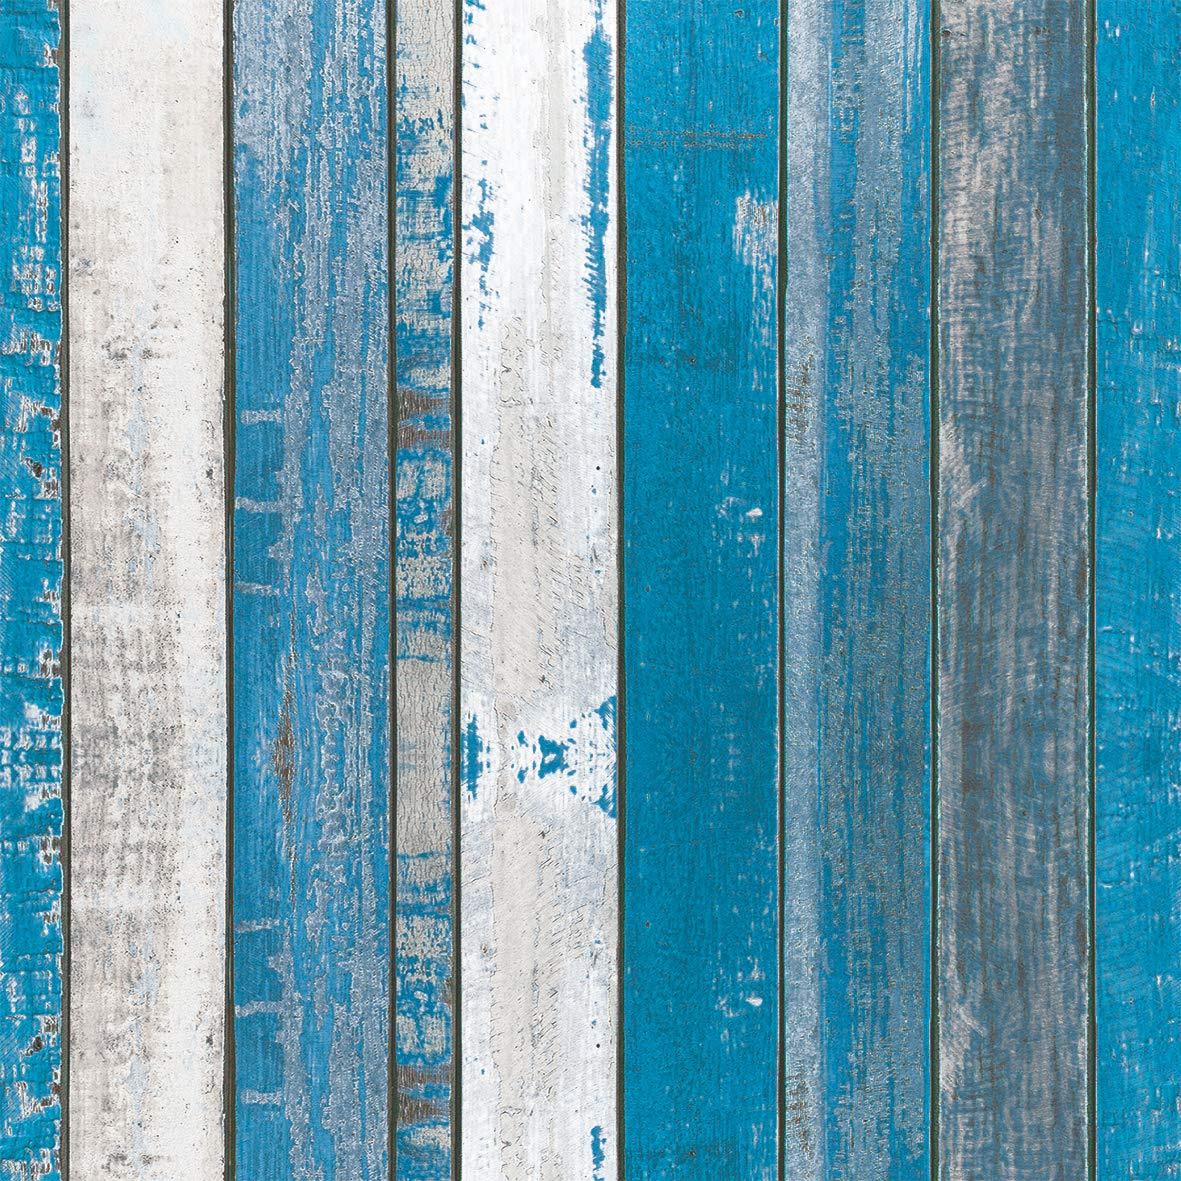 Home Collection Maison Cuisine Set 40 Serviettes de Table Jetables 3 Plis Motif Planches de Bois Bleu